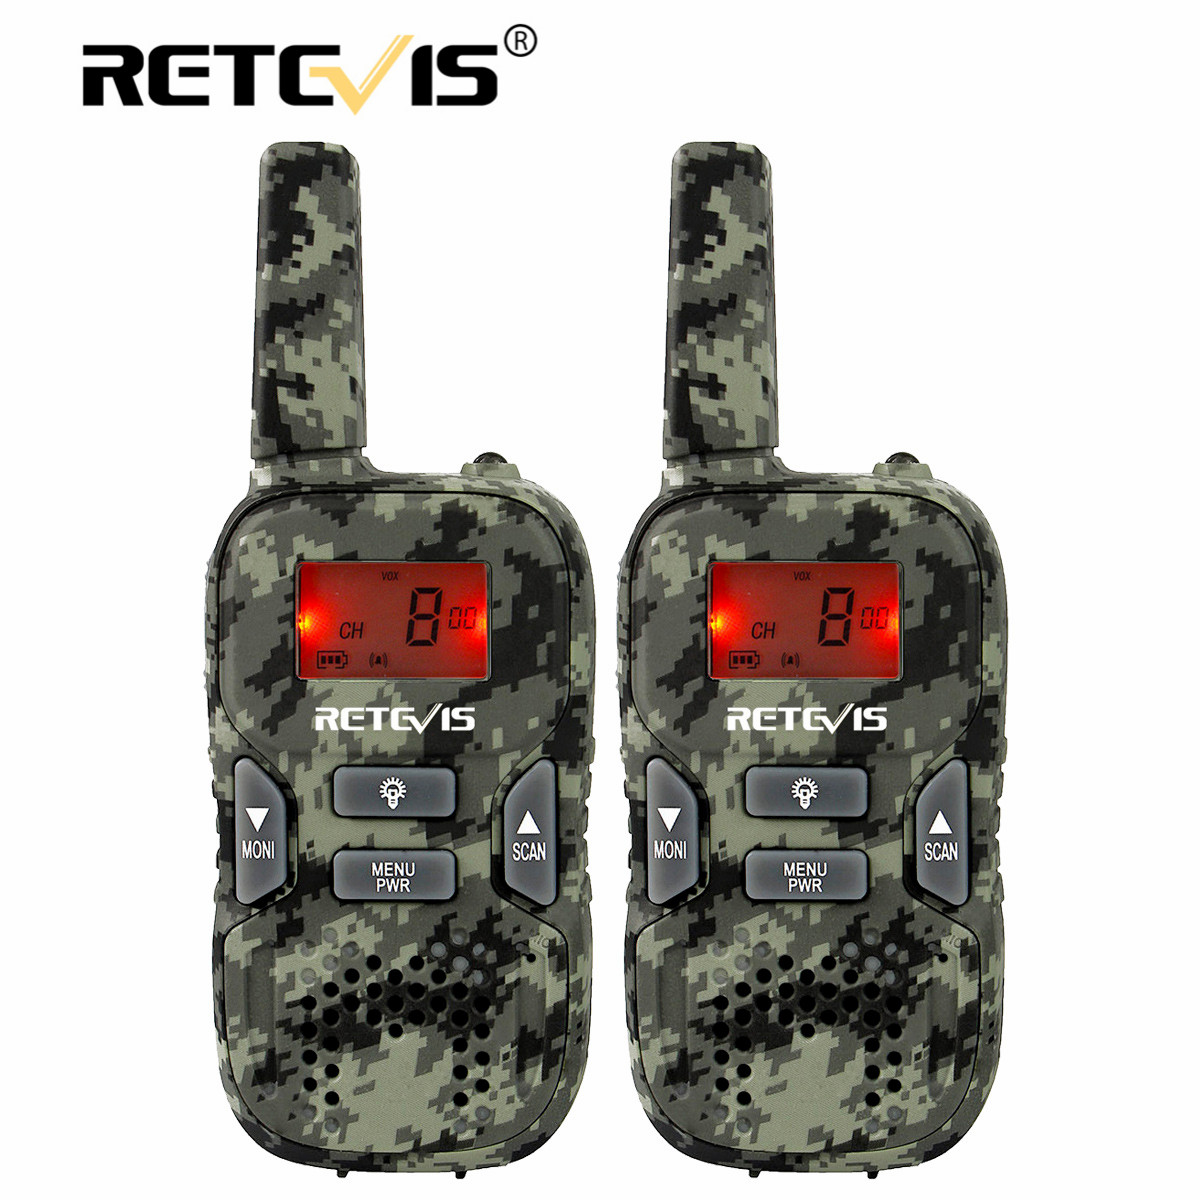 Портативная мини-рация Retevis RT33 для детей 2 шт. двухстороннее радио 0,5 Вт PMR PMR446 Woki Toki с фонариком VOX